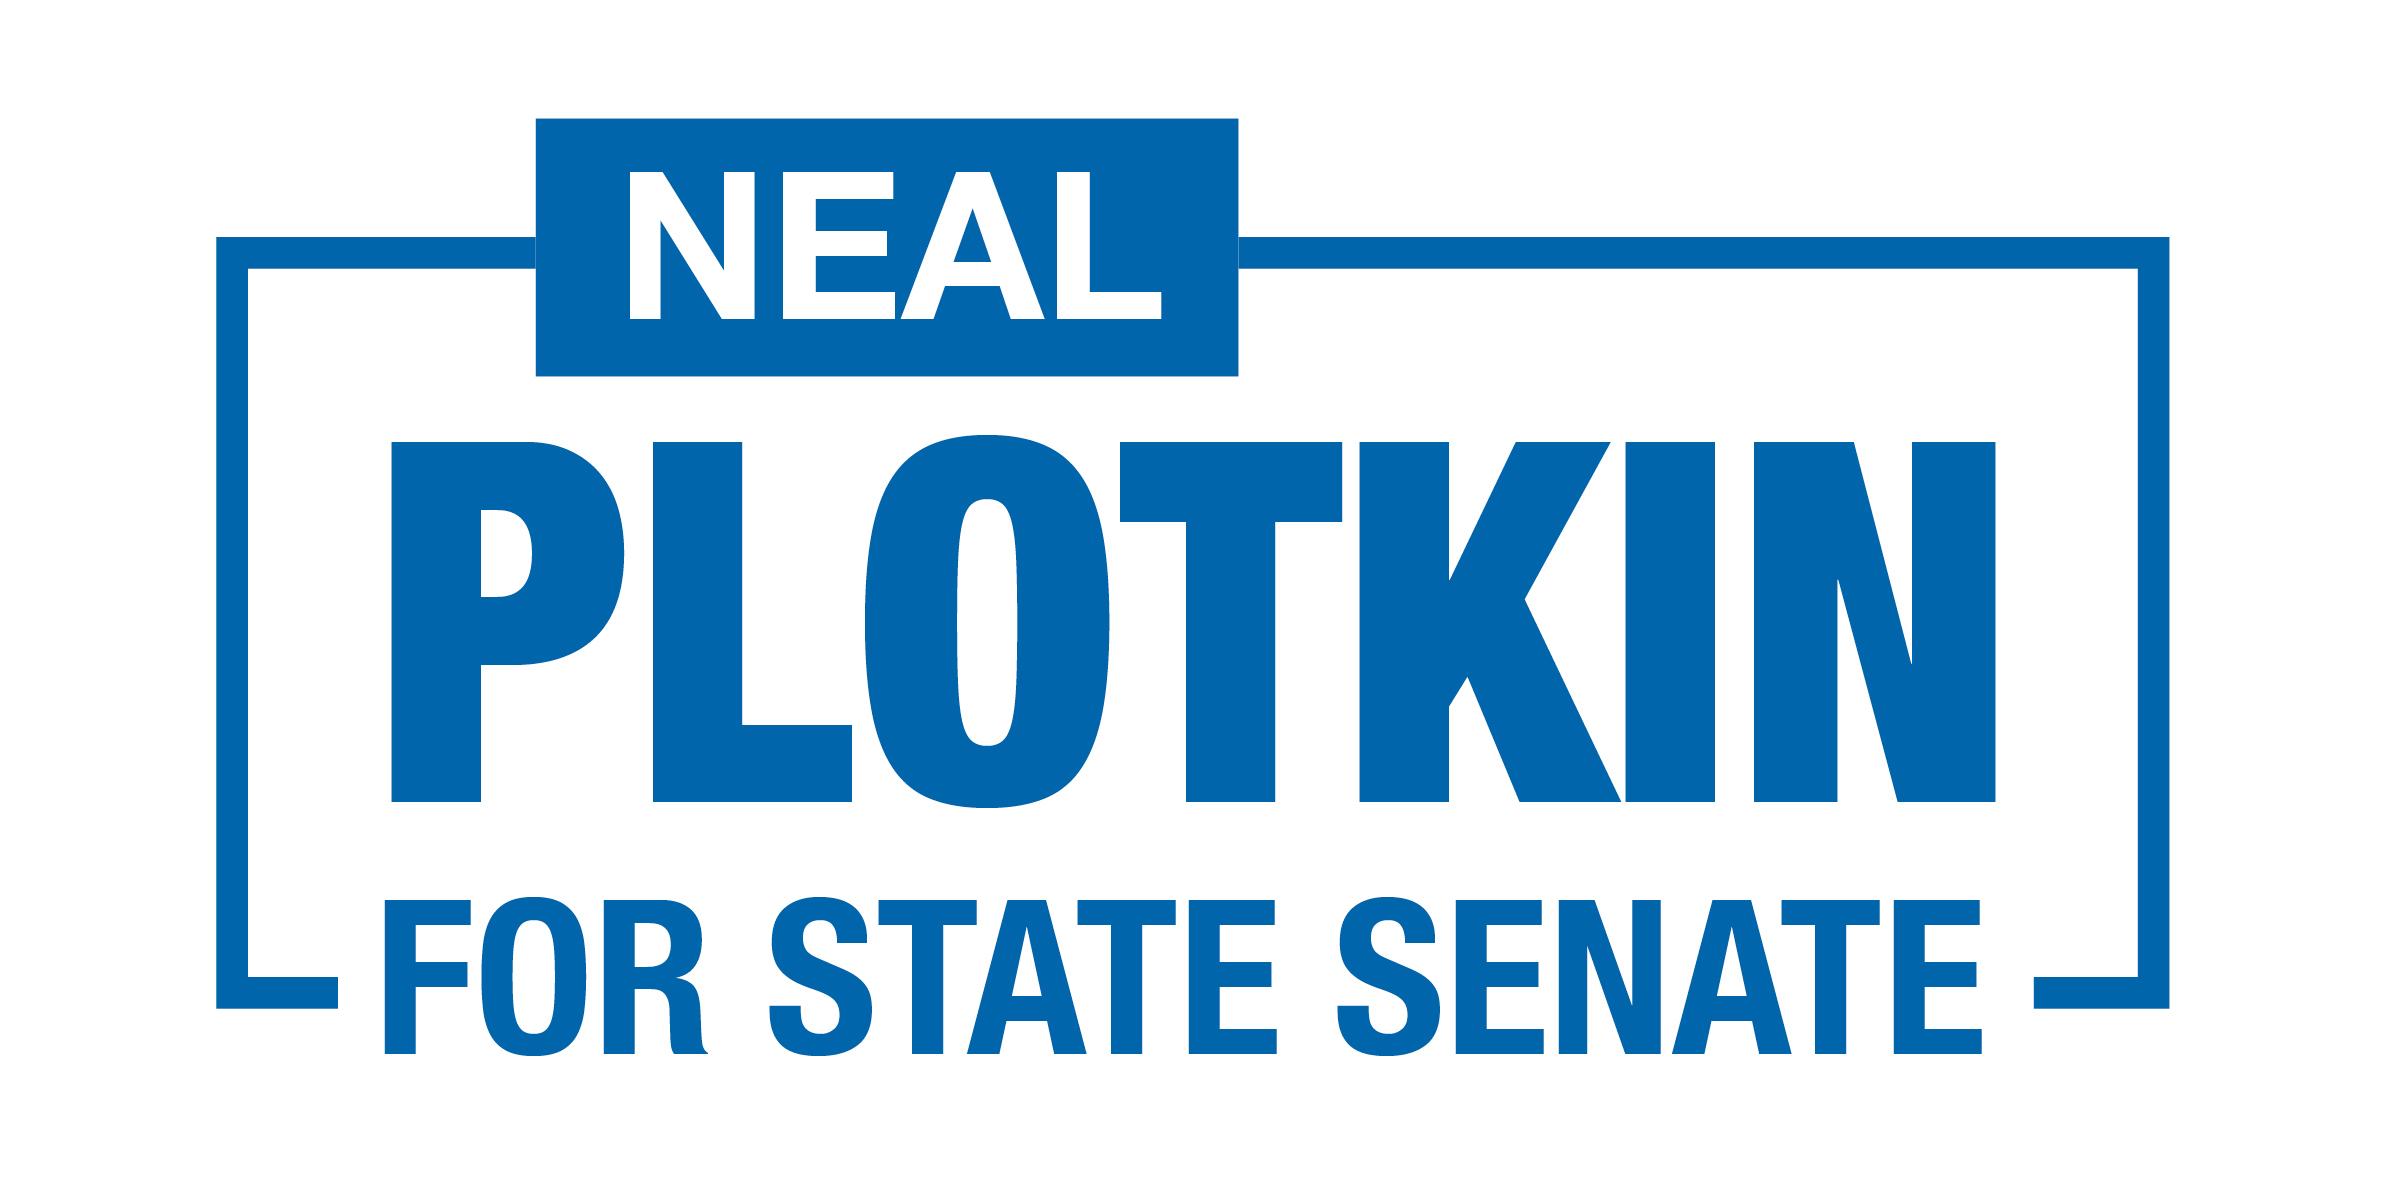 Neal Plotkin